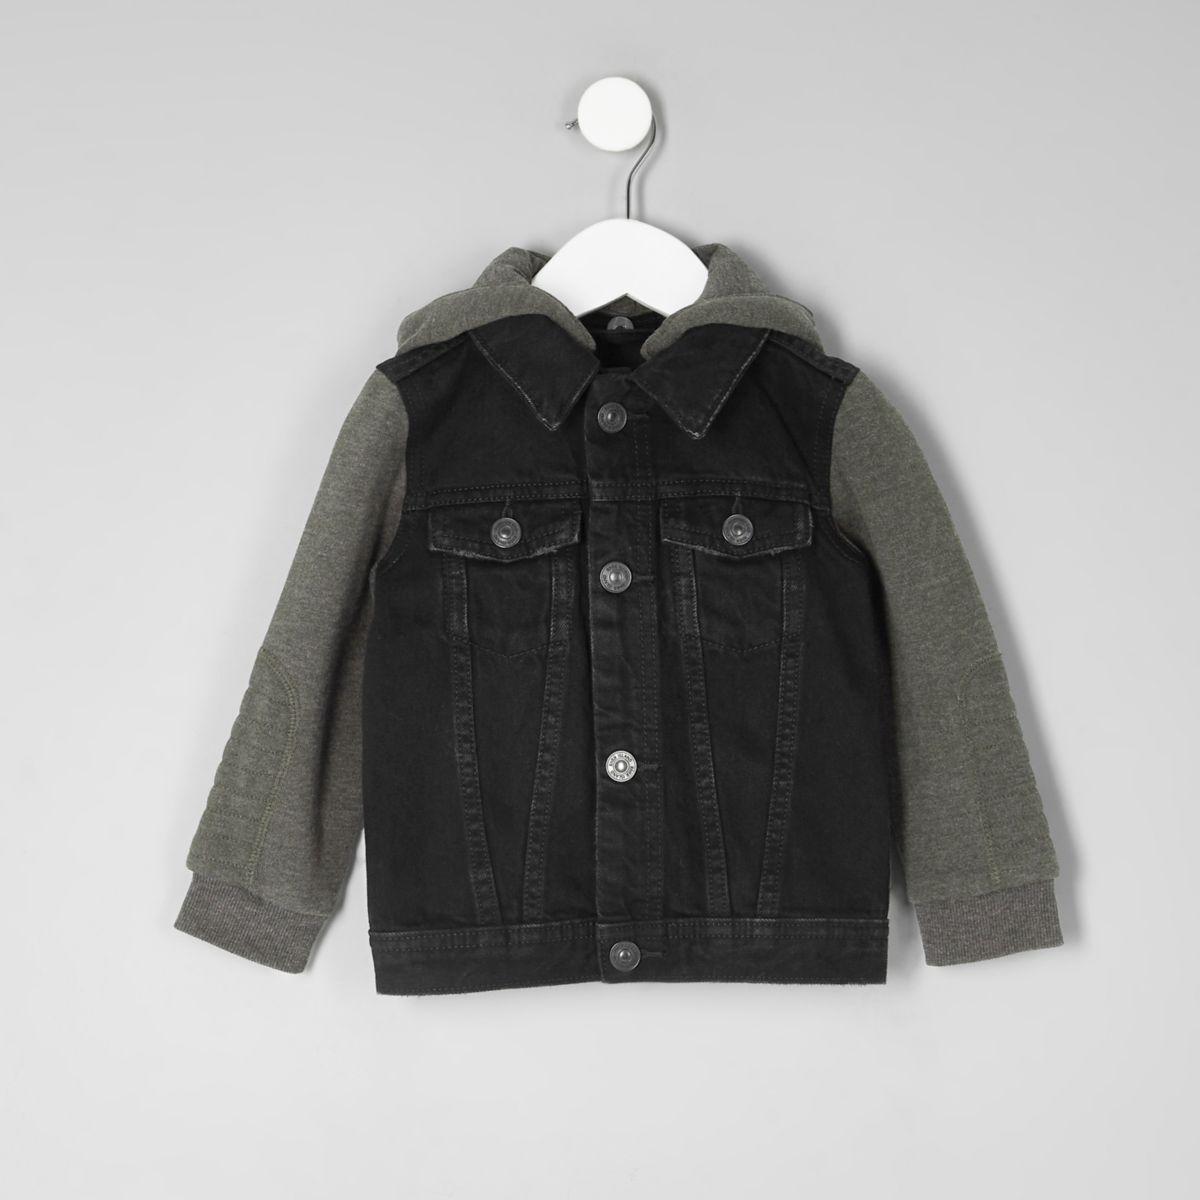 Mini boys black jersey sleeve denim jacket